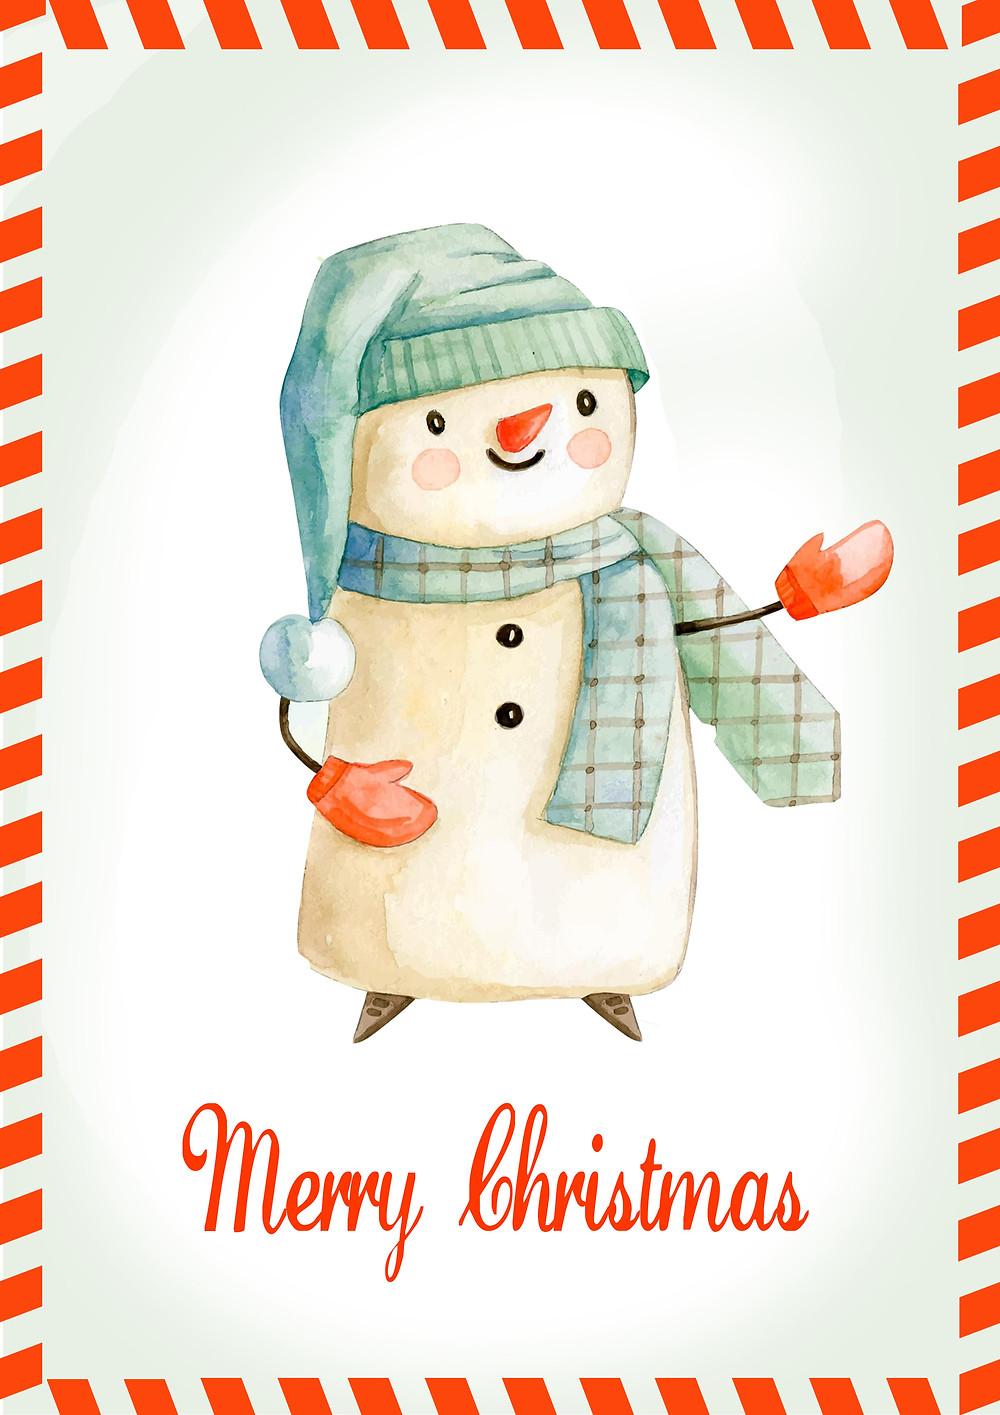 Biglietto di auguri di Natale - Merry Christmas